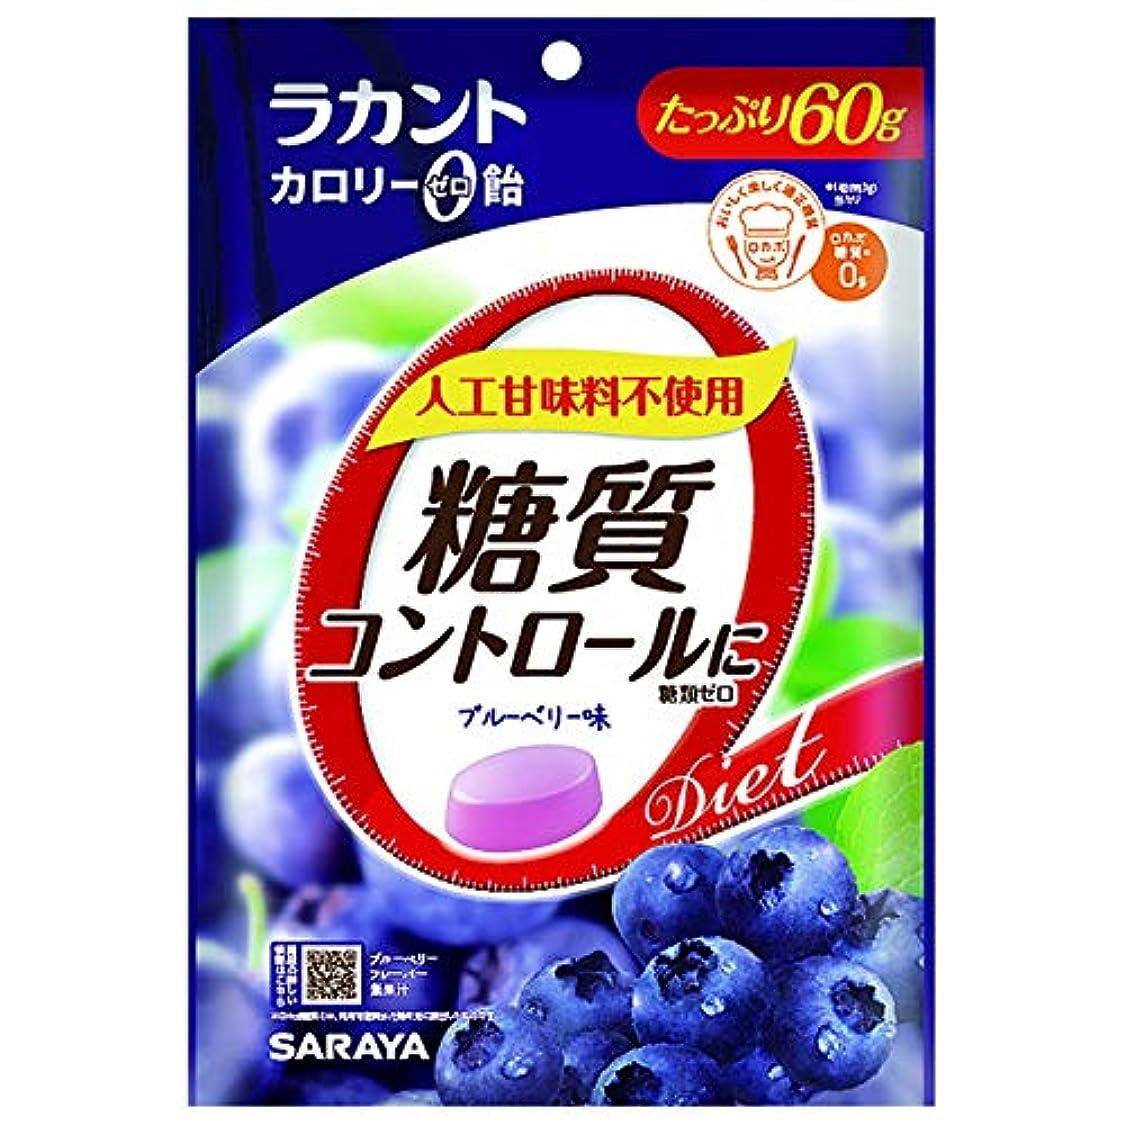 ショット複製ディスクラカント カロリーゼロ飴 ブルーベリー 60g【3個セット】